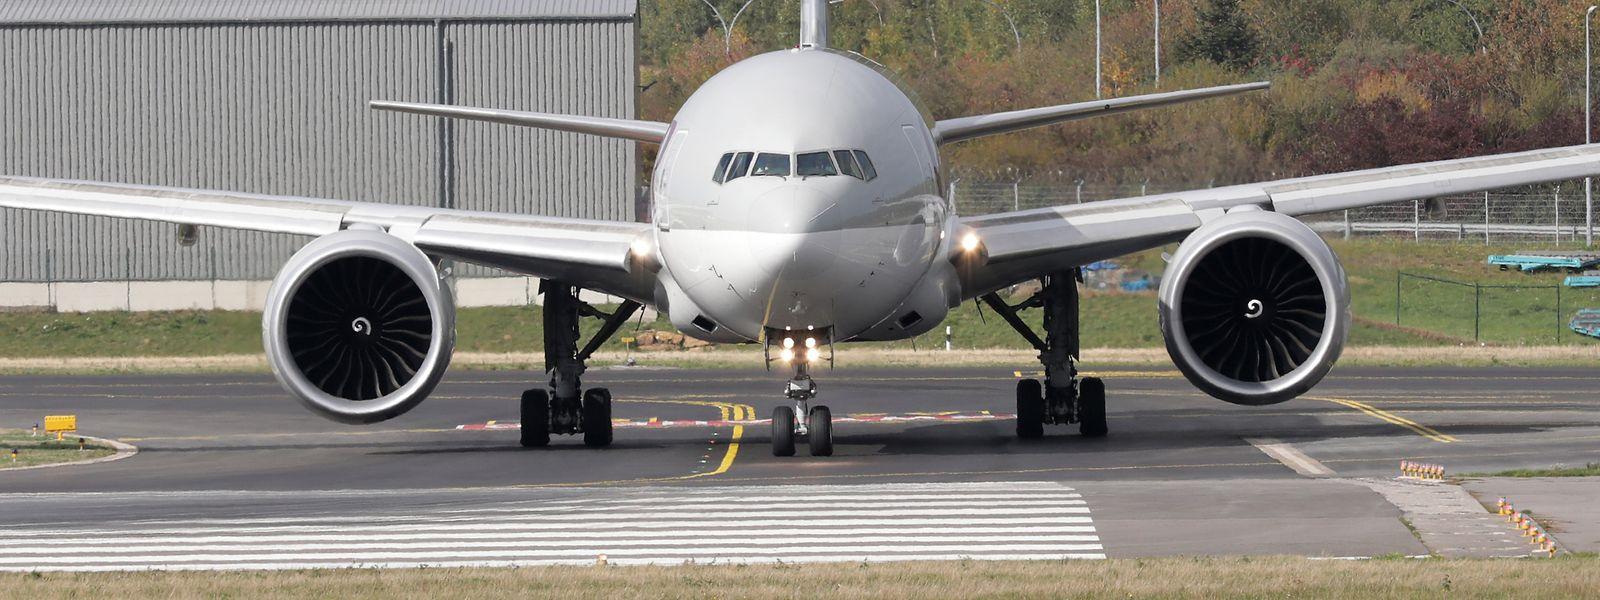 L'horaire des travaux a été choisi pour impacter le moins possible le trafic aérien.